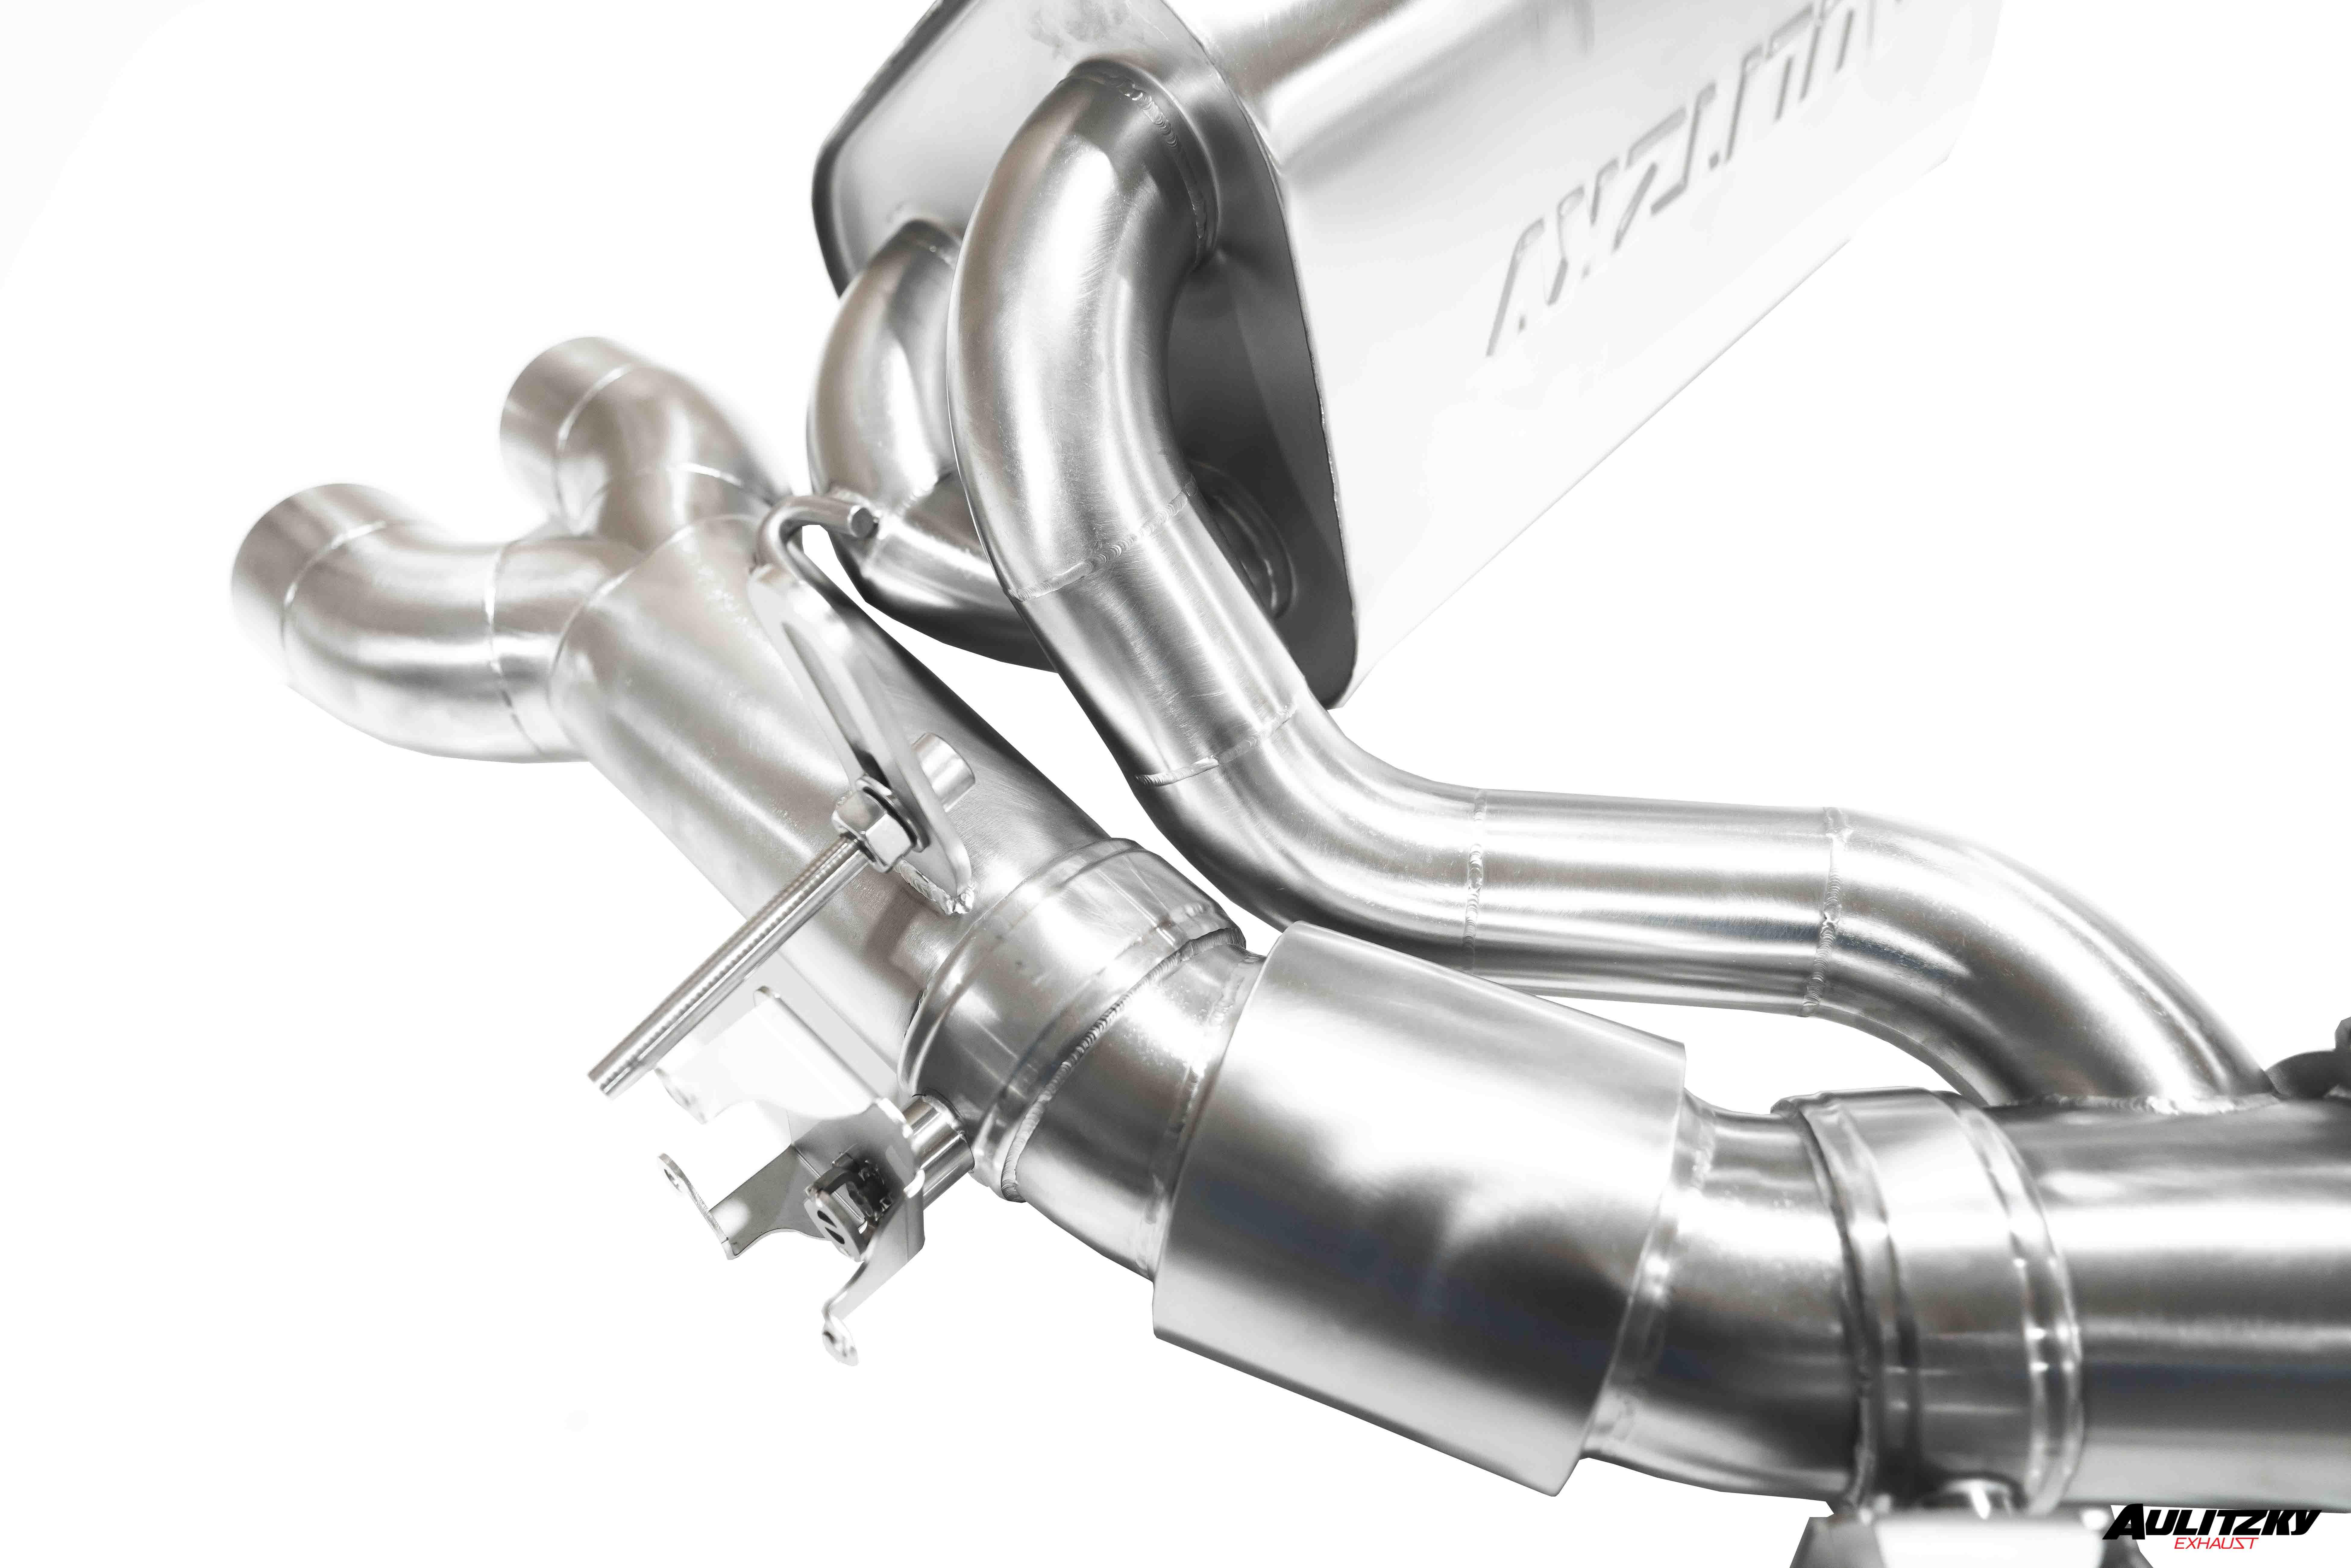 Aulitzky Exhaust | 3,5 Zoll Edelstahl Abgasanlage ab KAT mit Klappensteuerung | BMW M3 M4 | Competition | F80 F82 F83 |